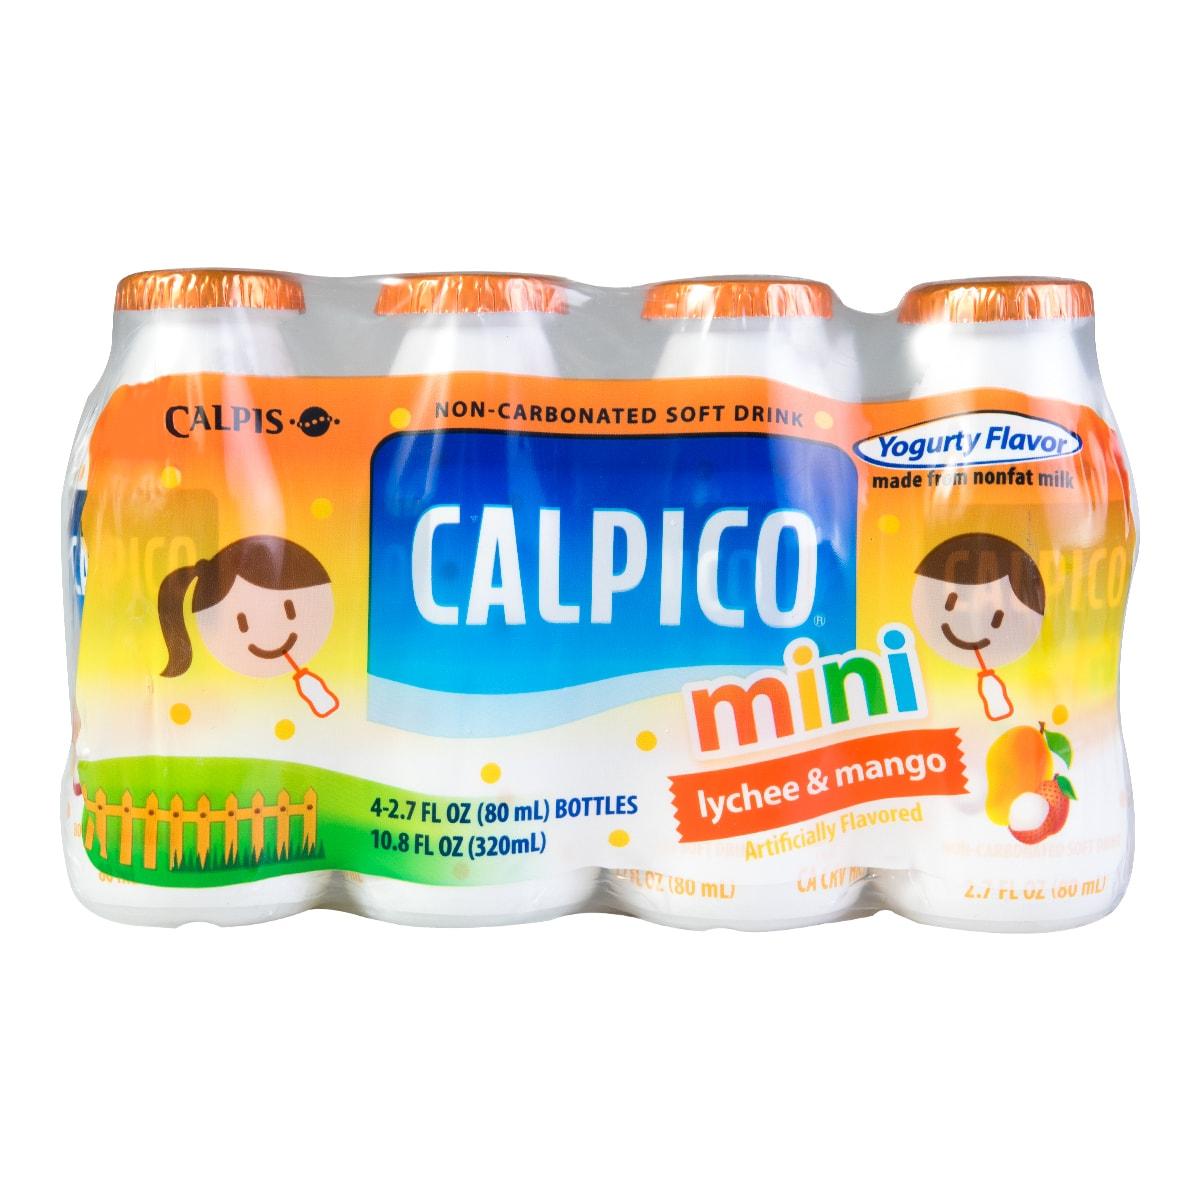 日本CALPICO 无碳酸天然无色素乳酸菌酸奶饮料 荔枝芒果味 迷你4瓶装 320ml